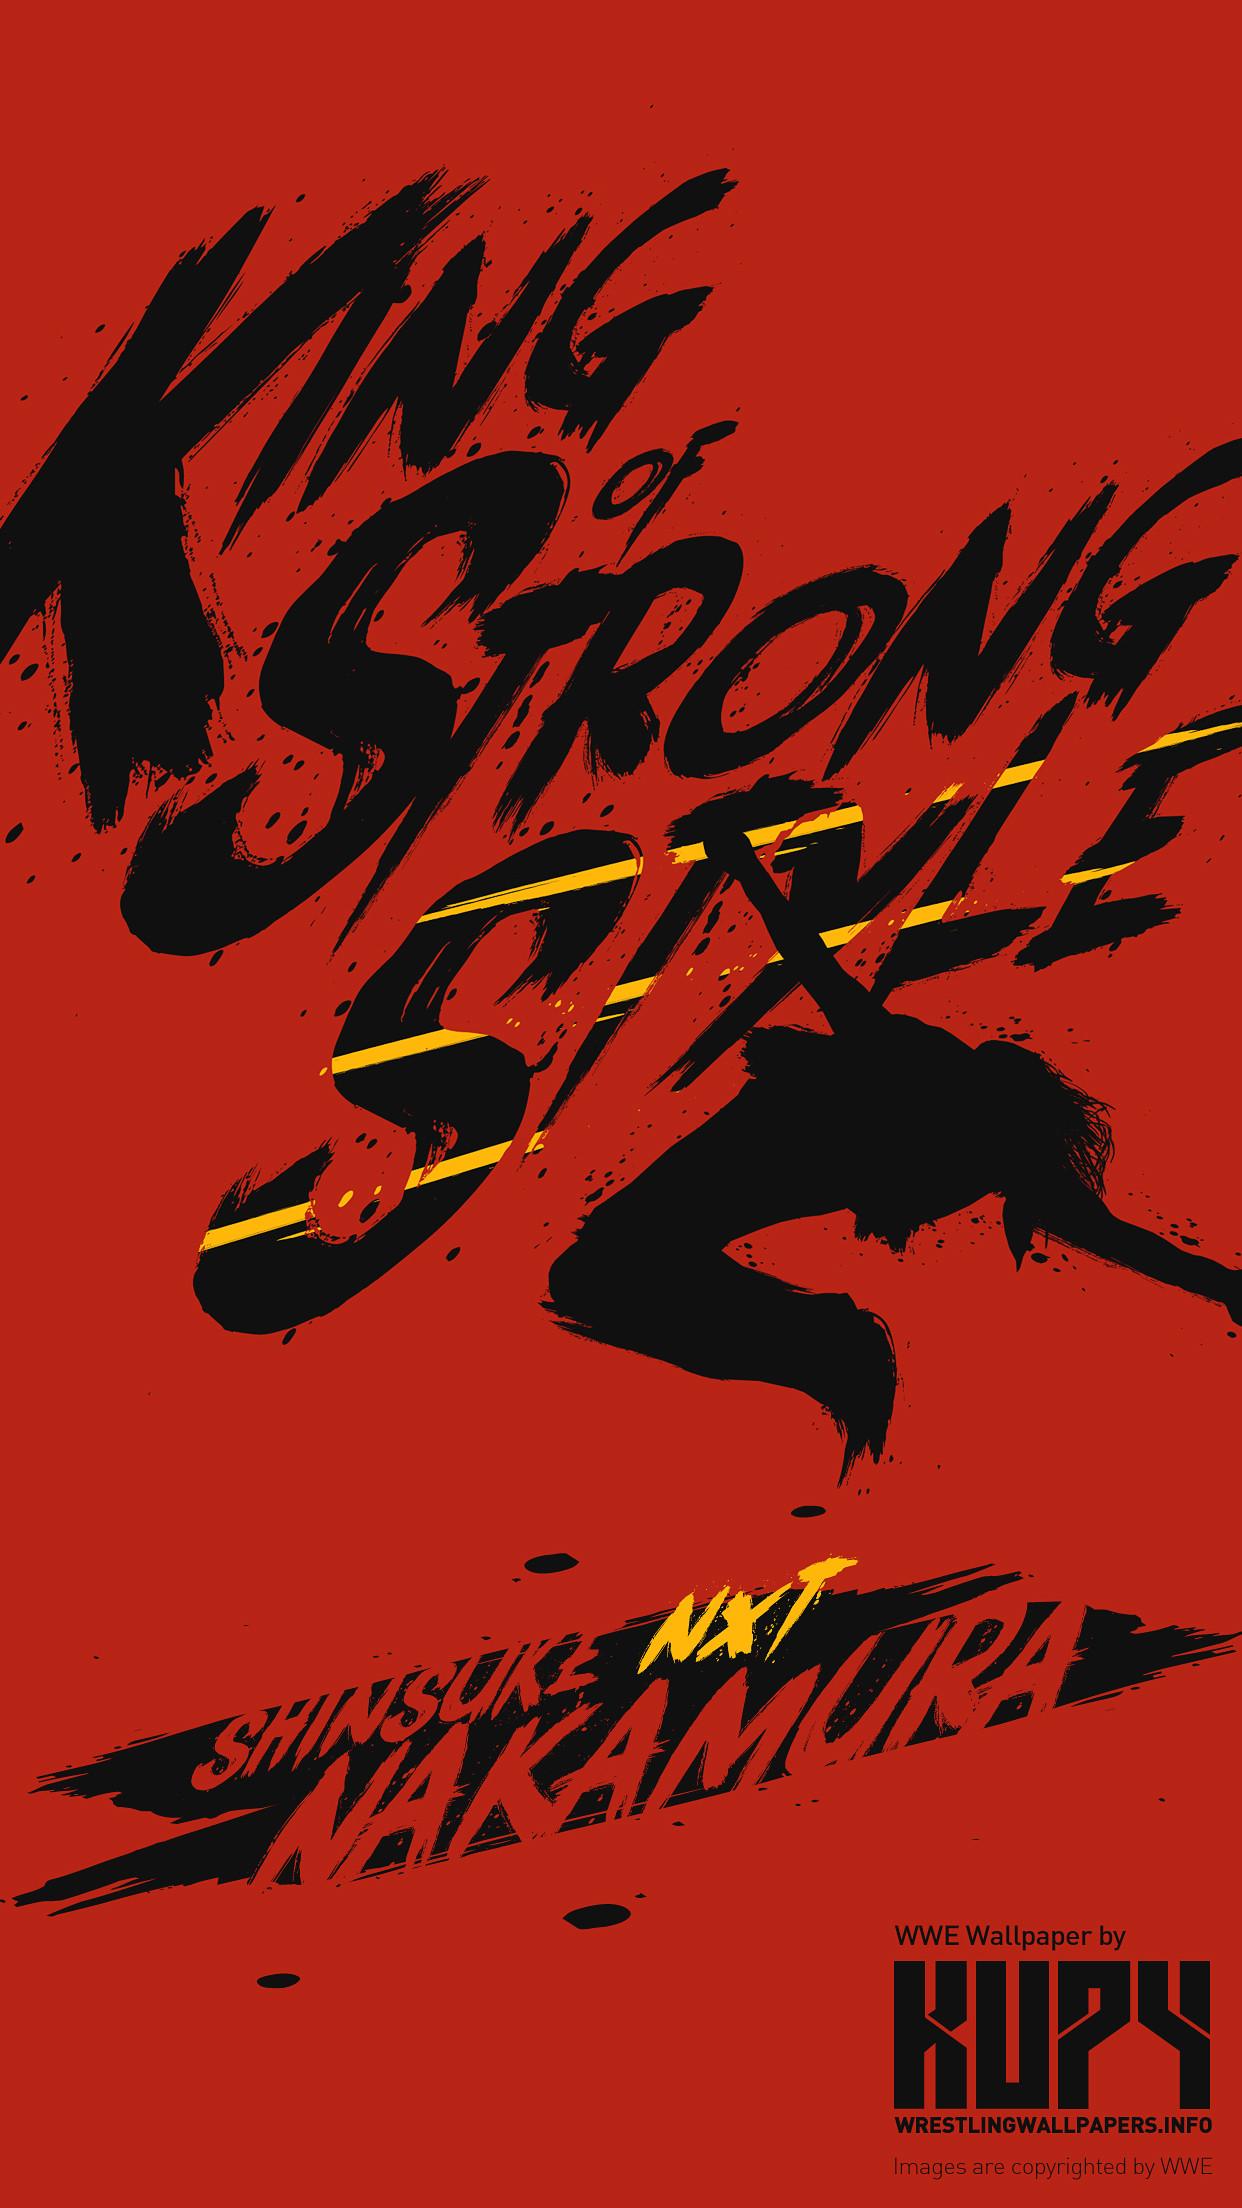 King of Strong Style: Shinsuke Nakamura wallpaper wallpaper